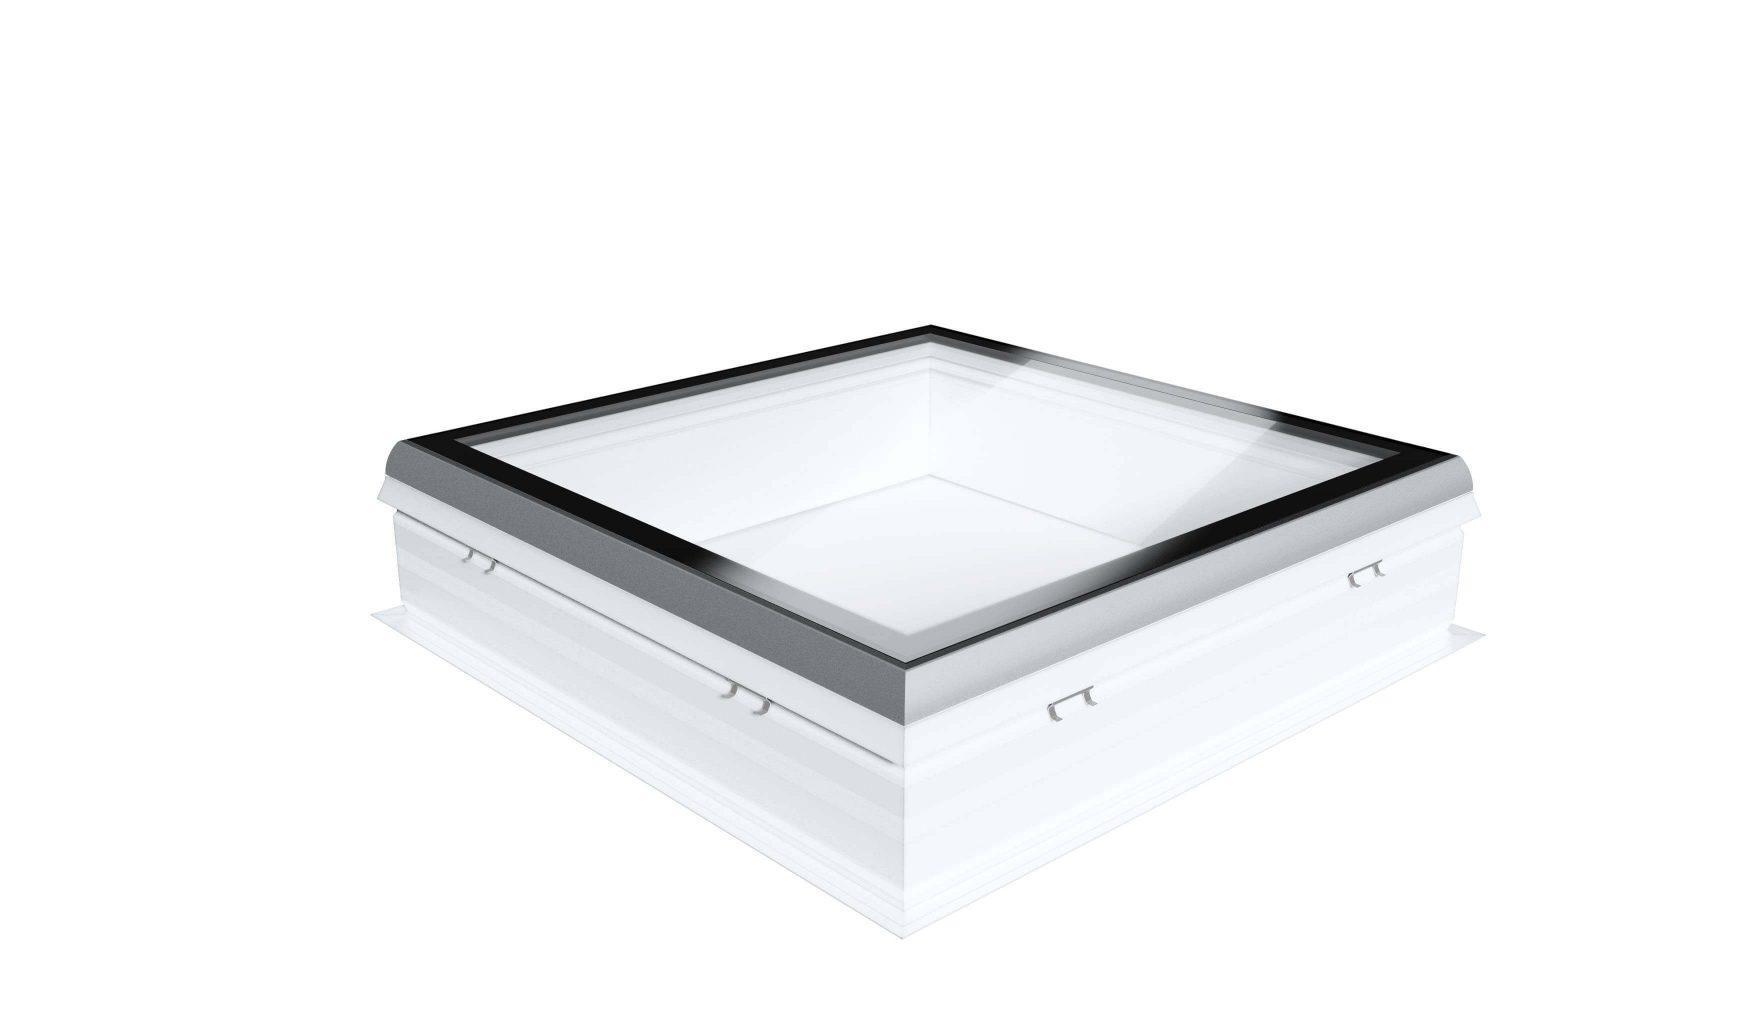 Skylux iWindow3